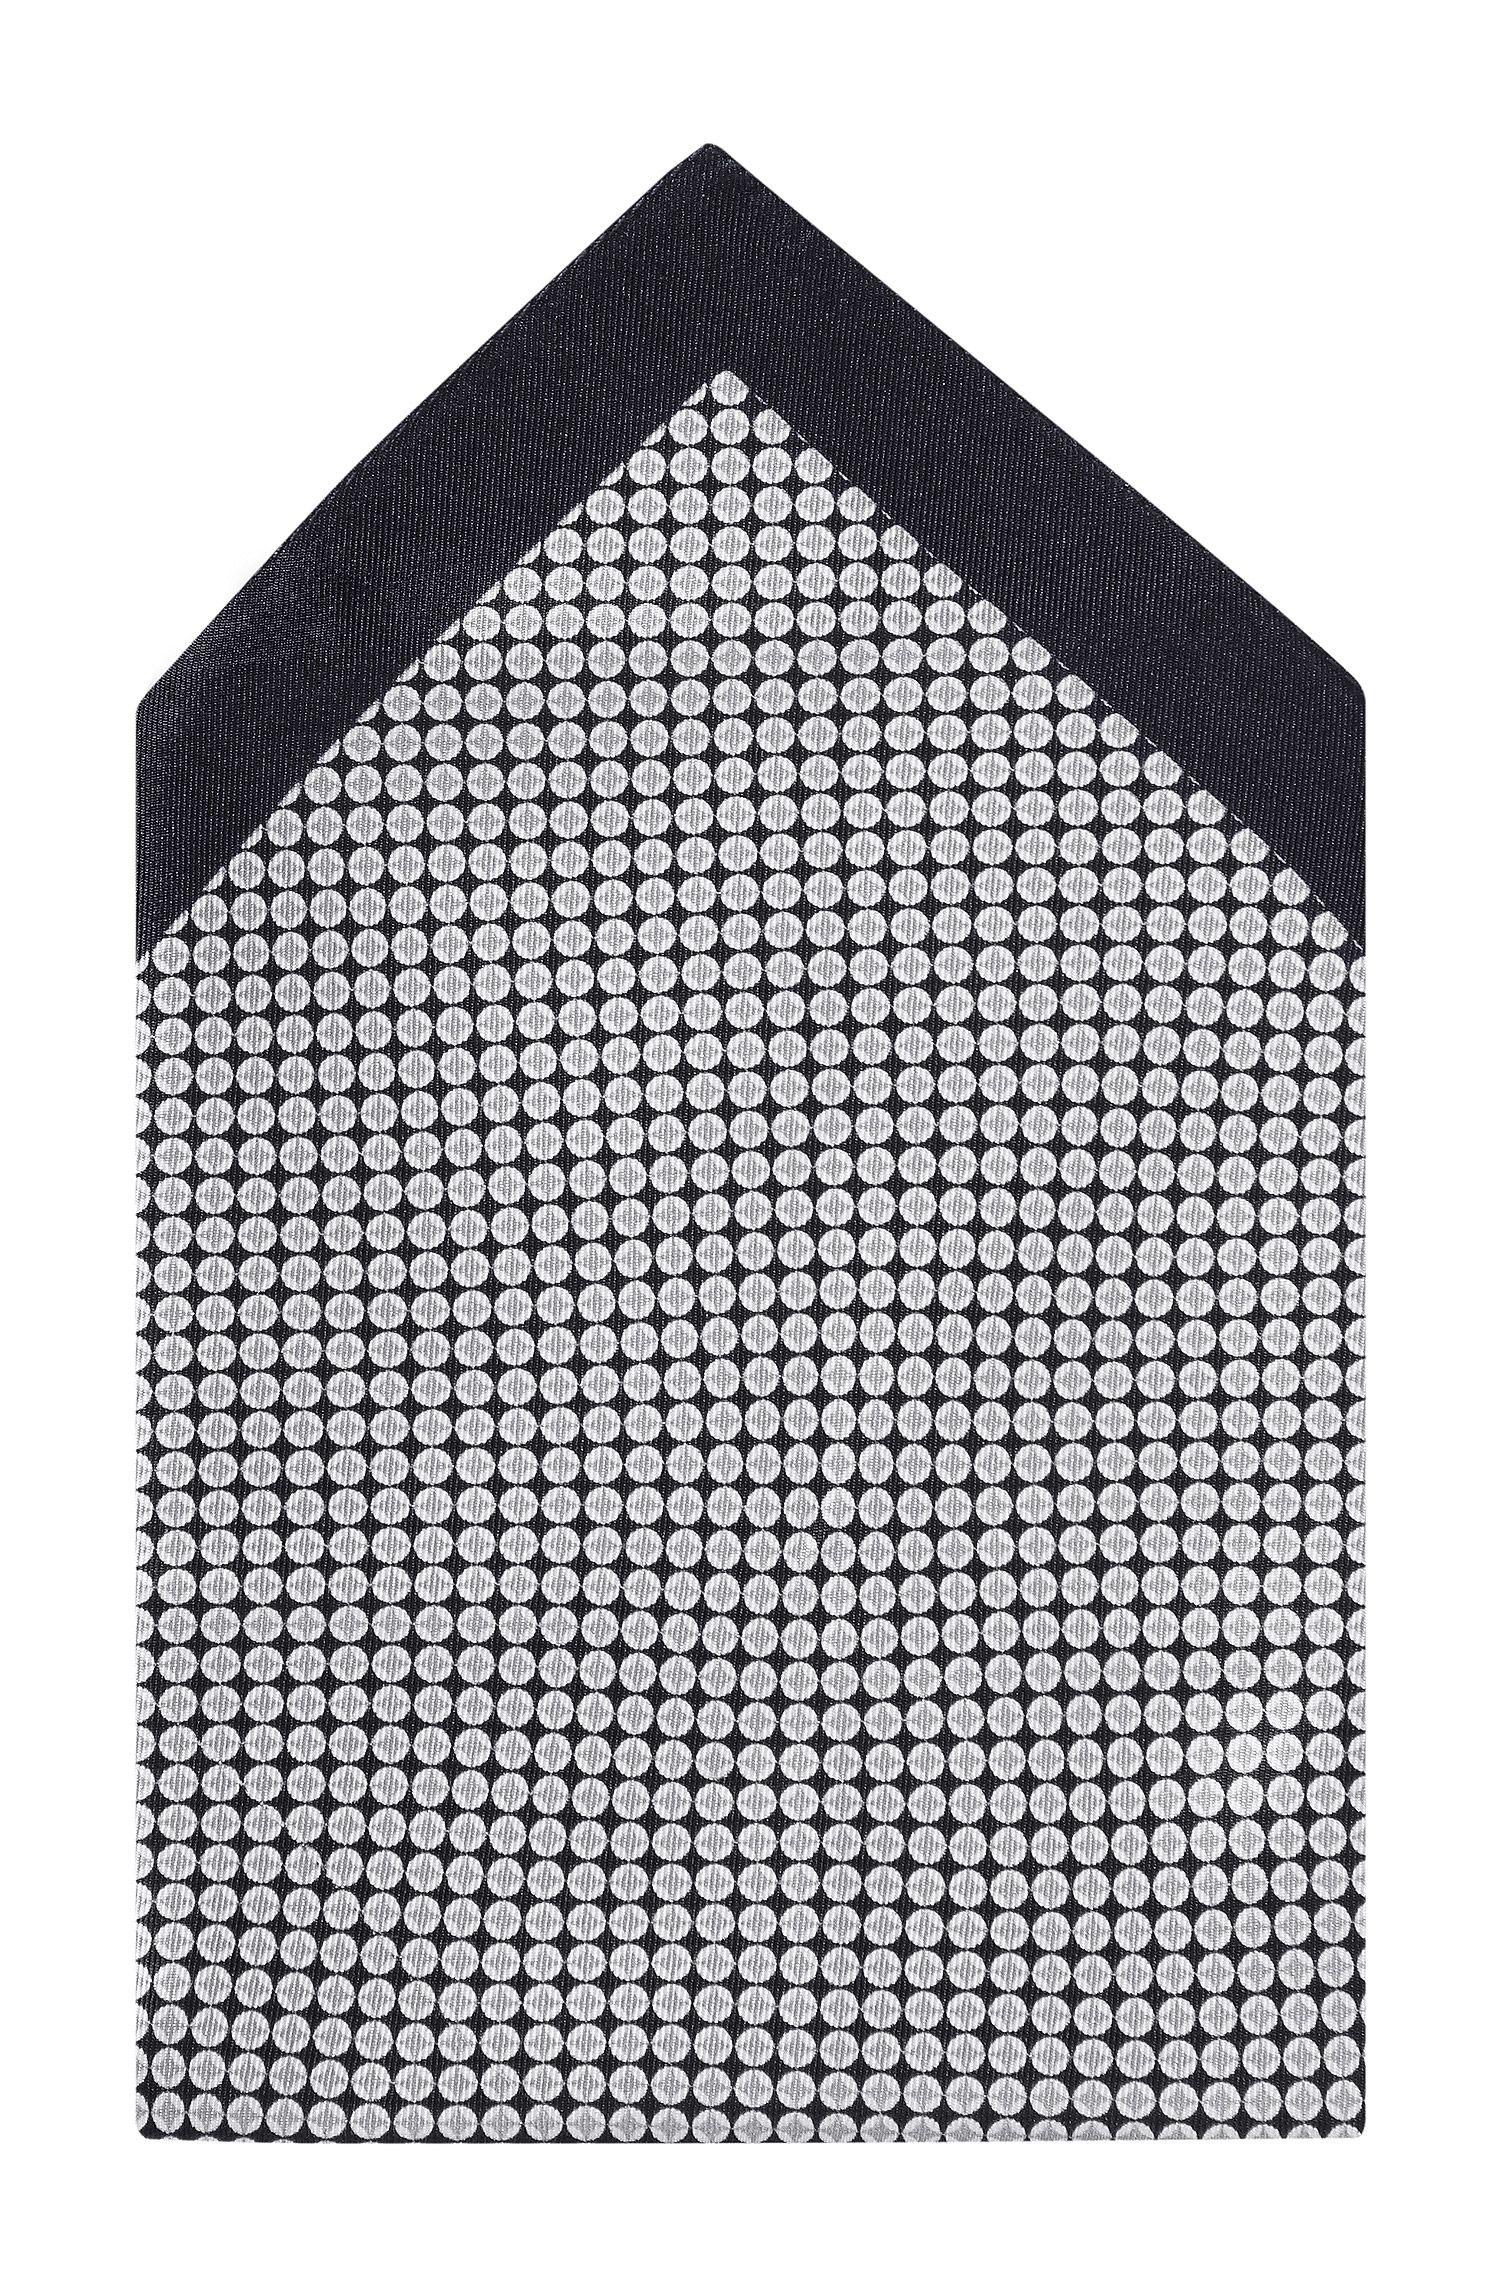 Einstecktuch ´Pocket square 33 x 33` aus Seide